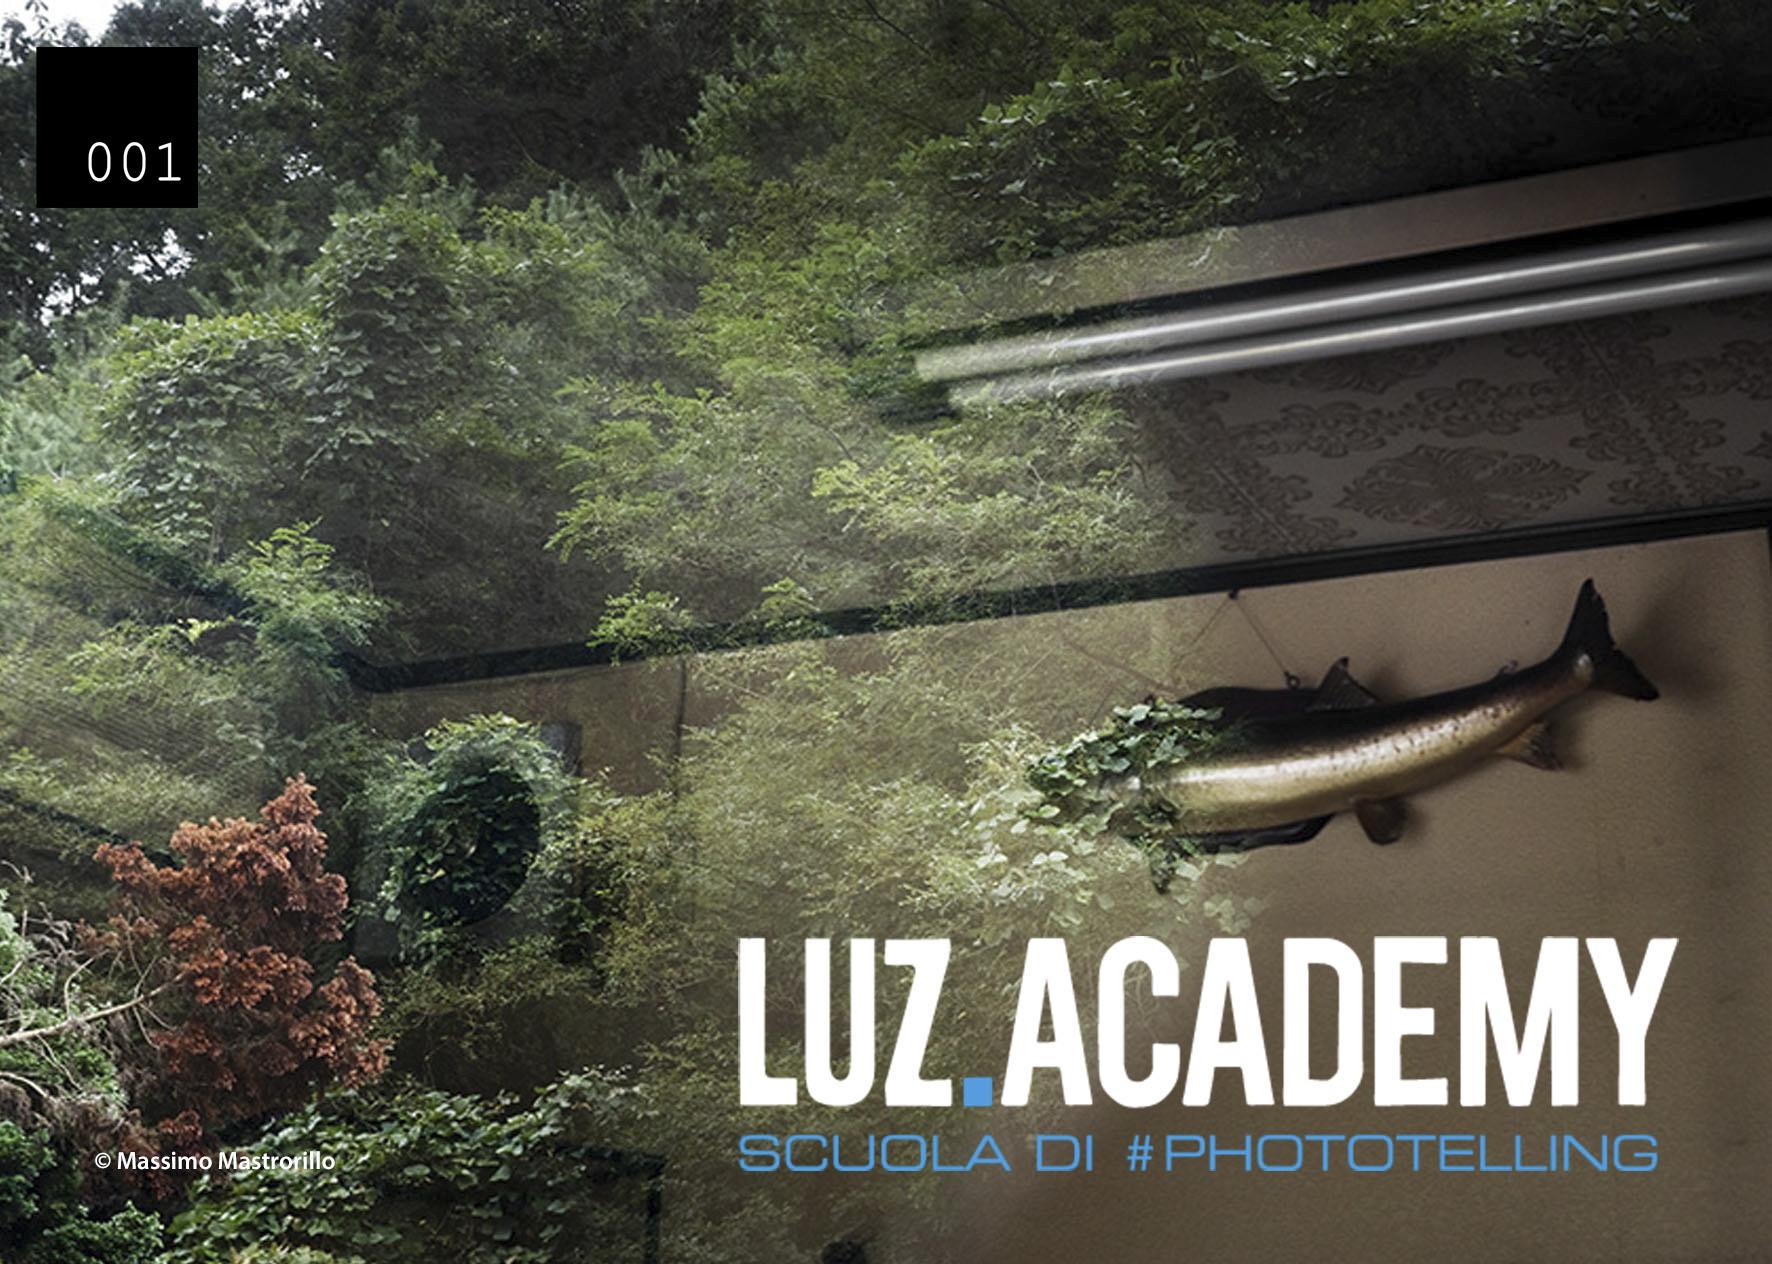 Luz Academy